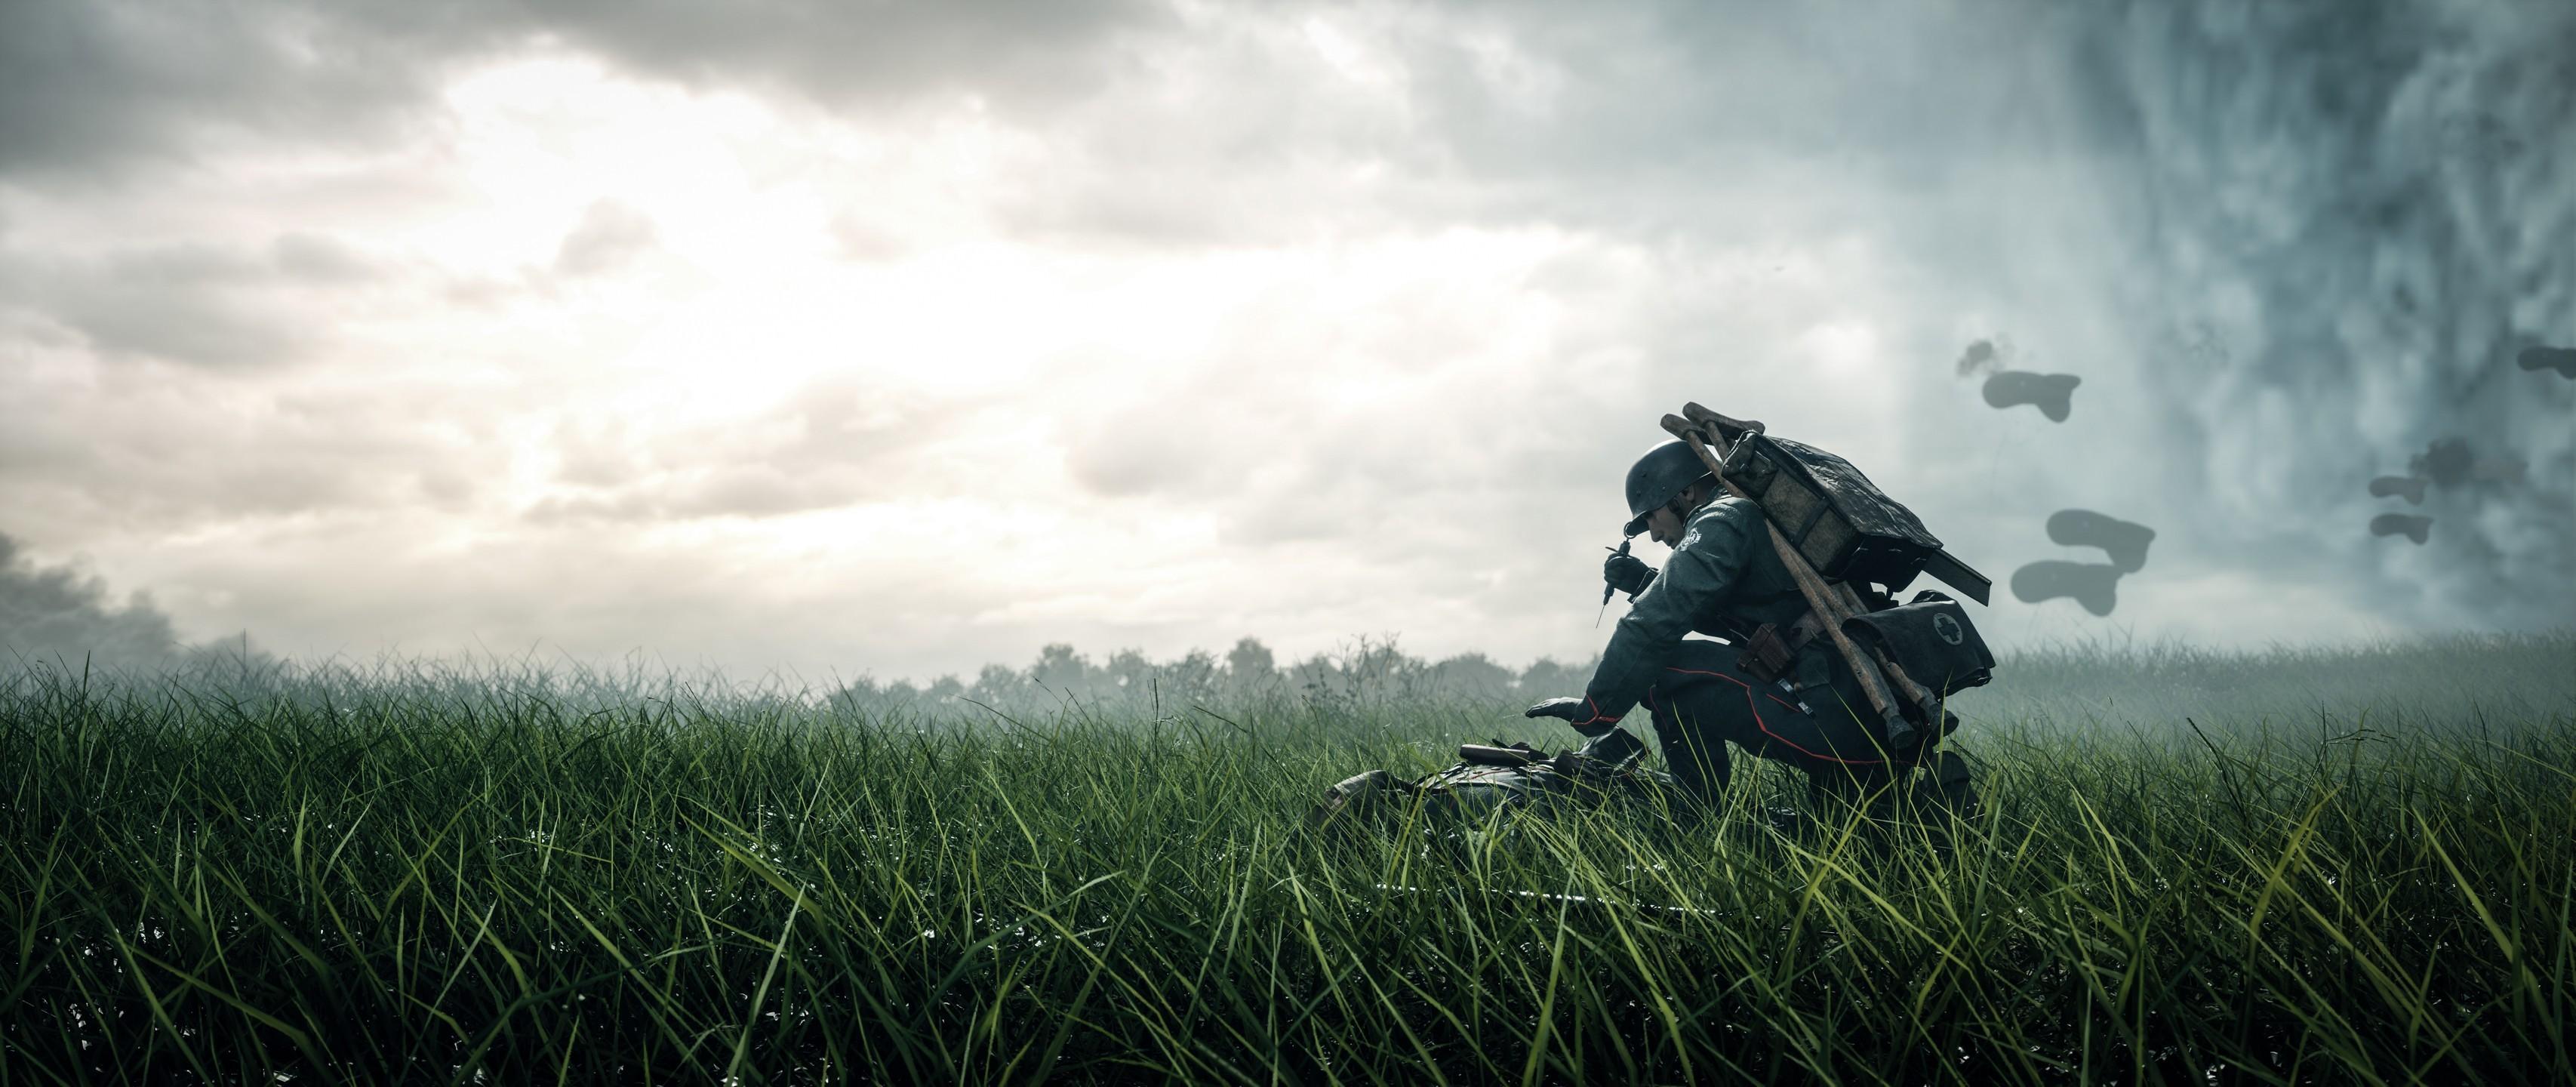 Battlefield 1 War Video Game Hd Wallpaper: World War 1 Wallpaper (58+ Images